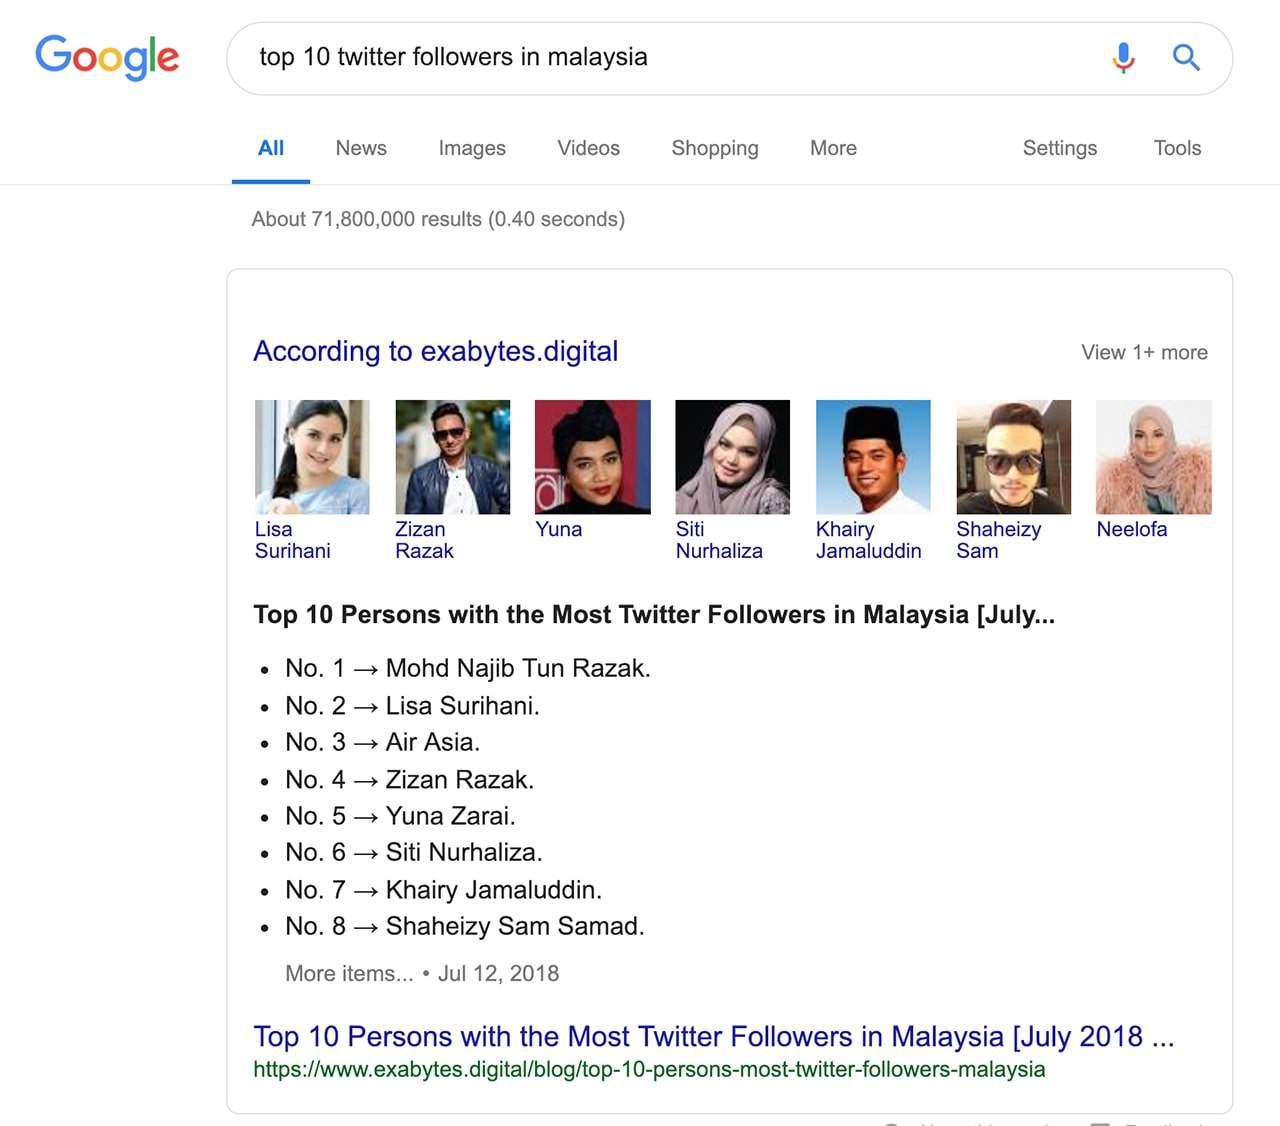 top 10 twitter followers in Malaysia